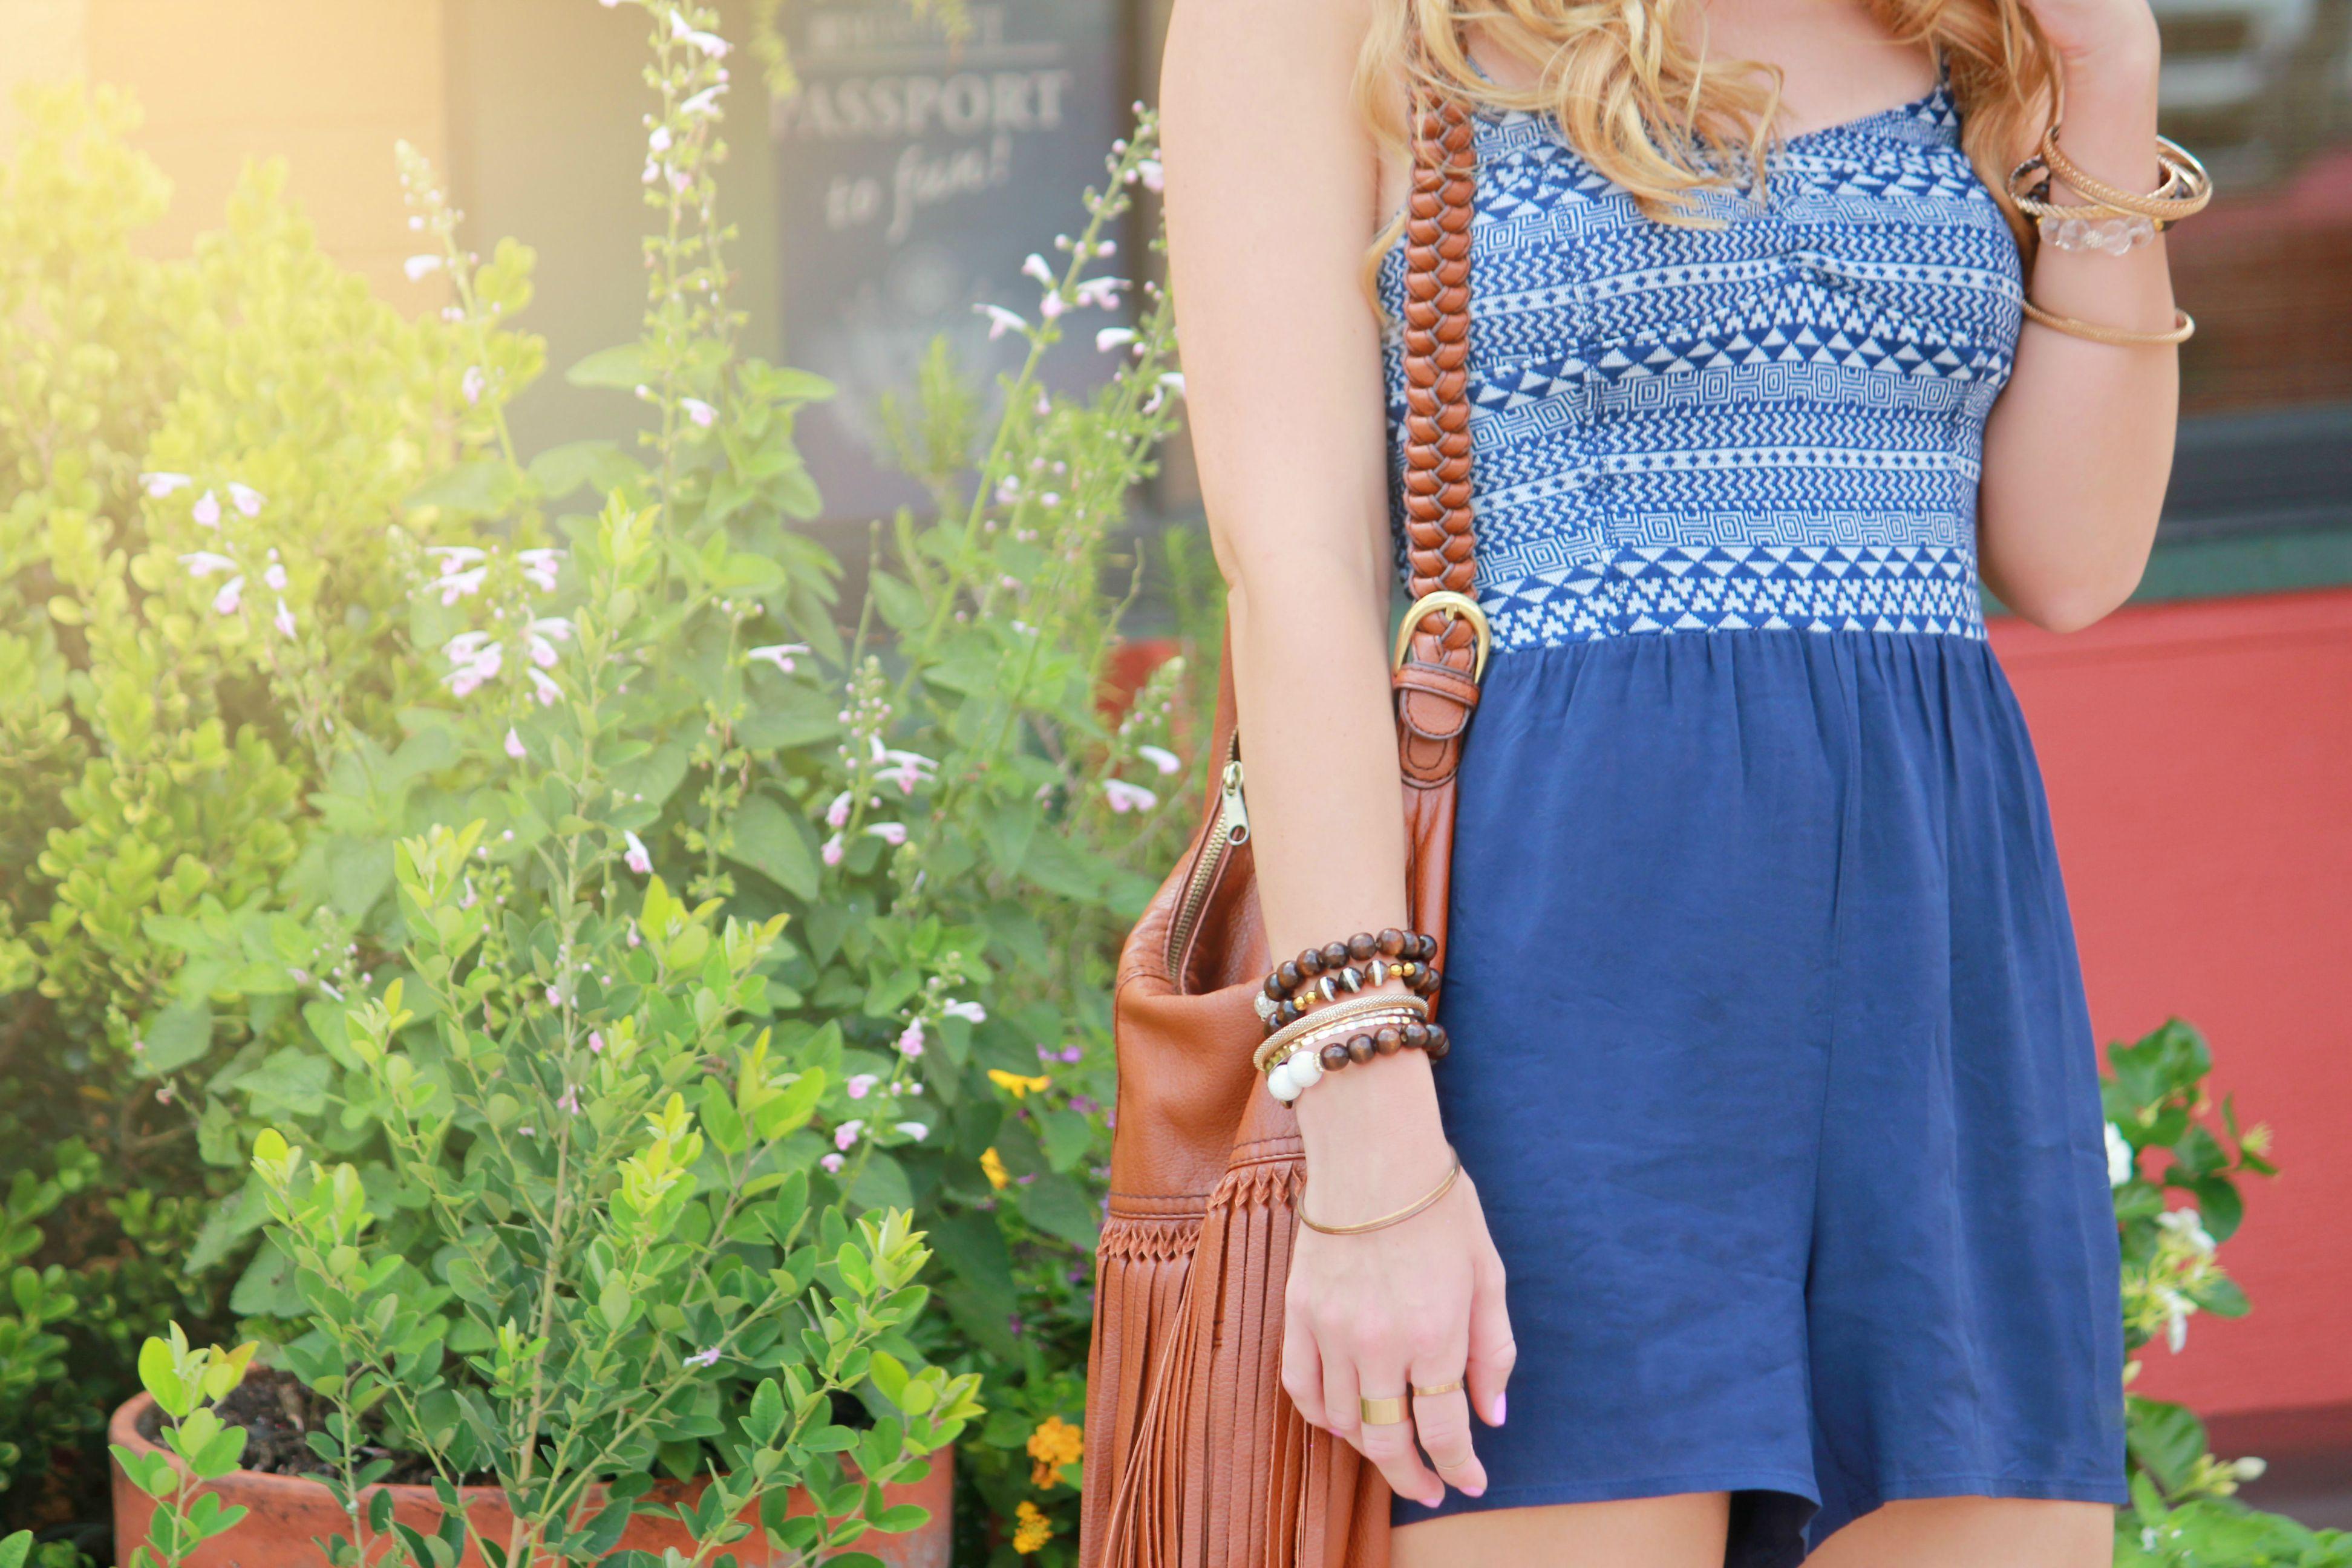 aeropostale romper, aeropostale outfit, aldo sandals, h&m fringe bag, charlotte russe hat, summer fashion, summer outfit